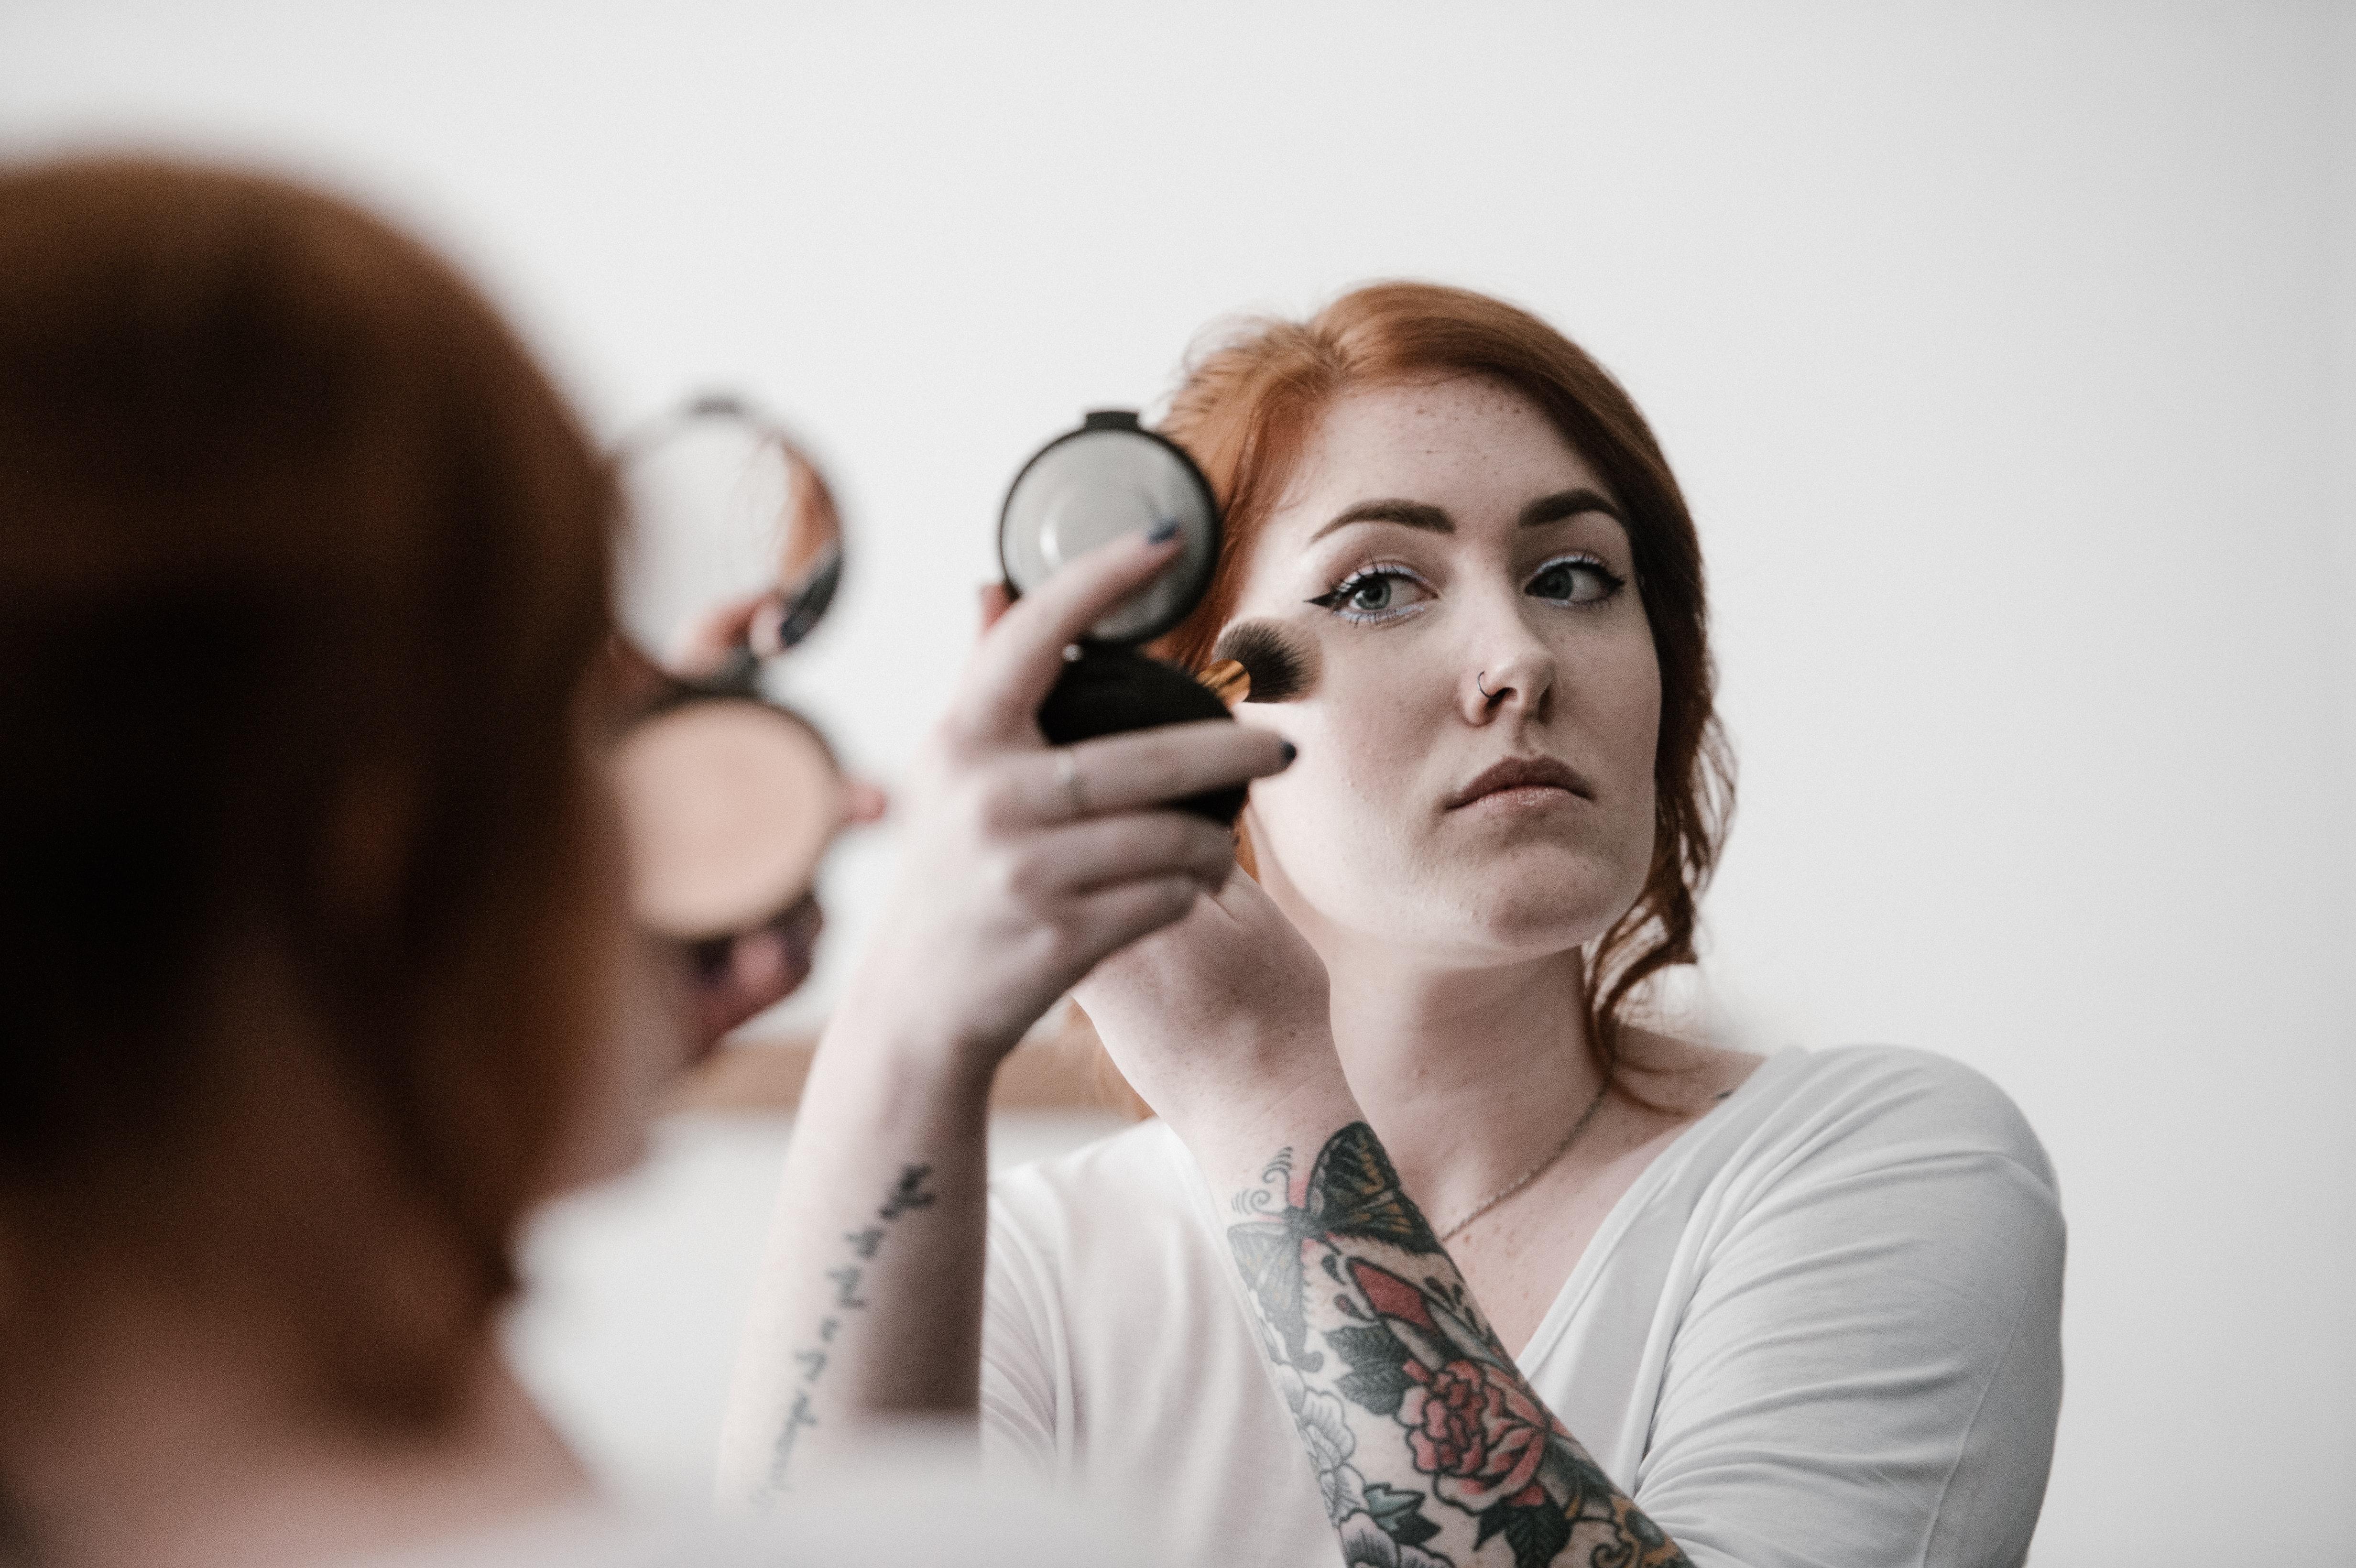 化粧直しパウダーおすすめランキング23!人気アイテムの効果や使い方も紹介!